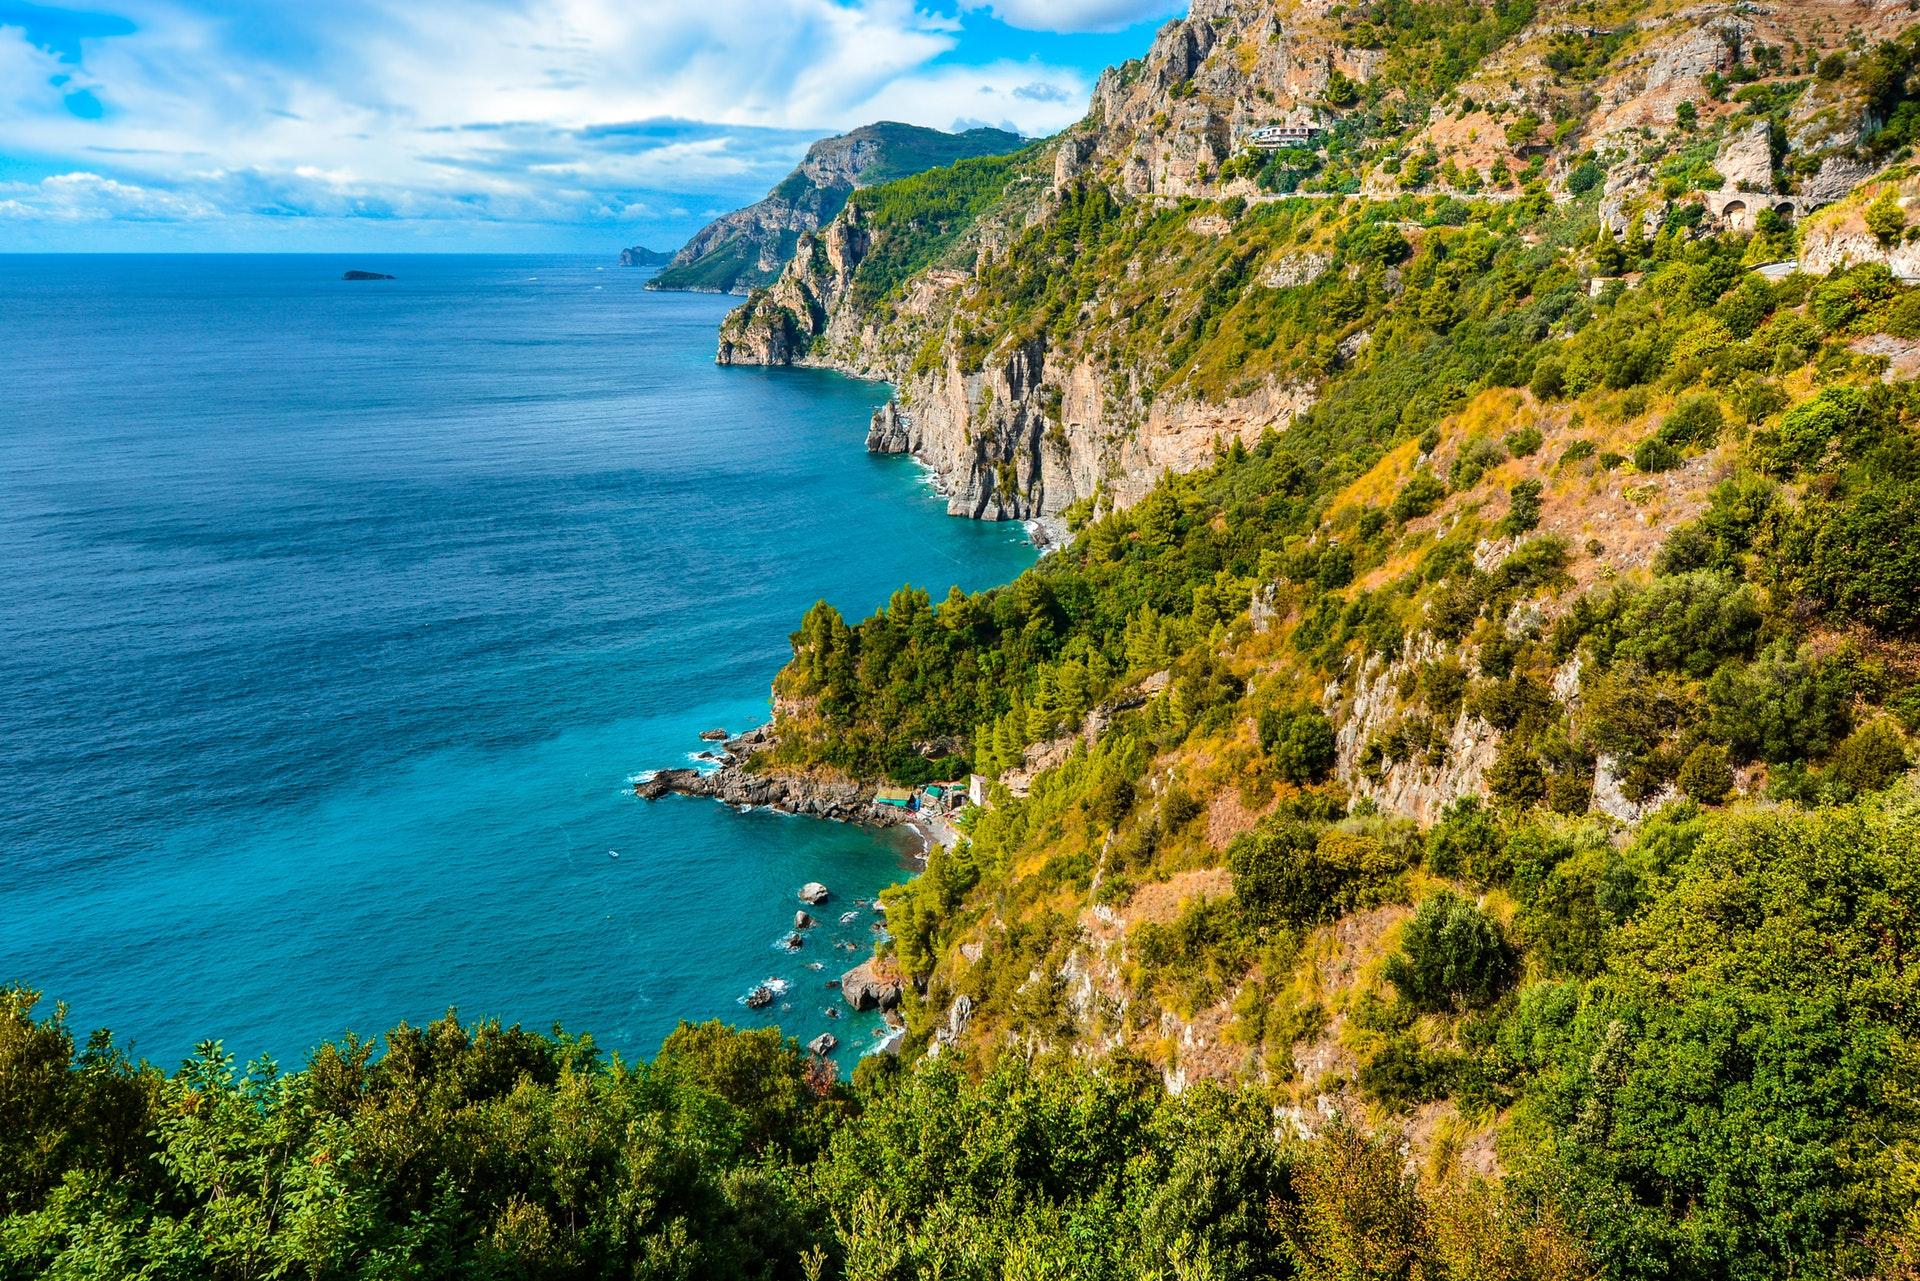 Amalfi lockt mit wunderschönen Küsten am Tyrrhenischen Meer